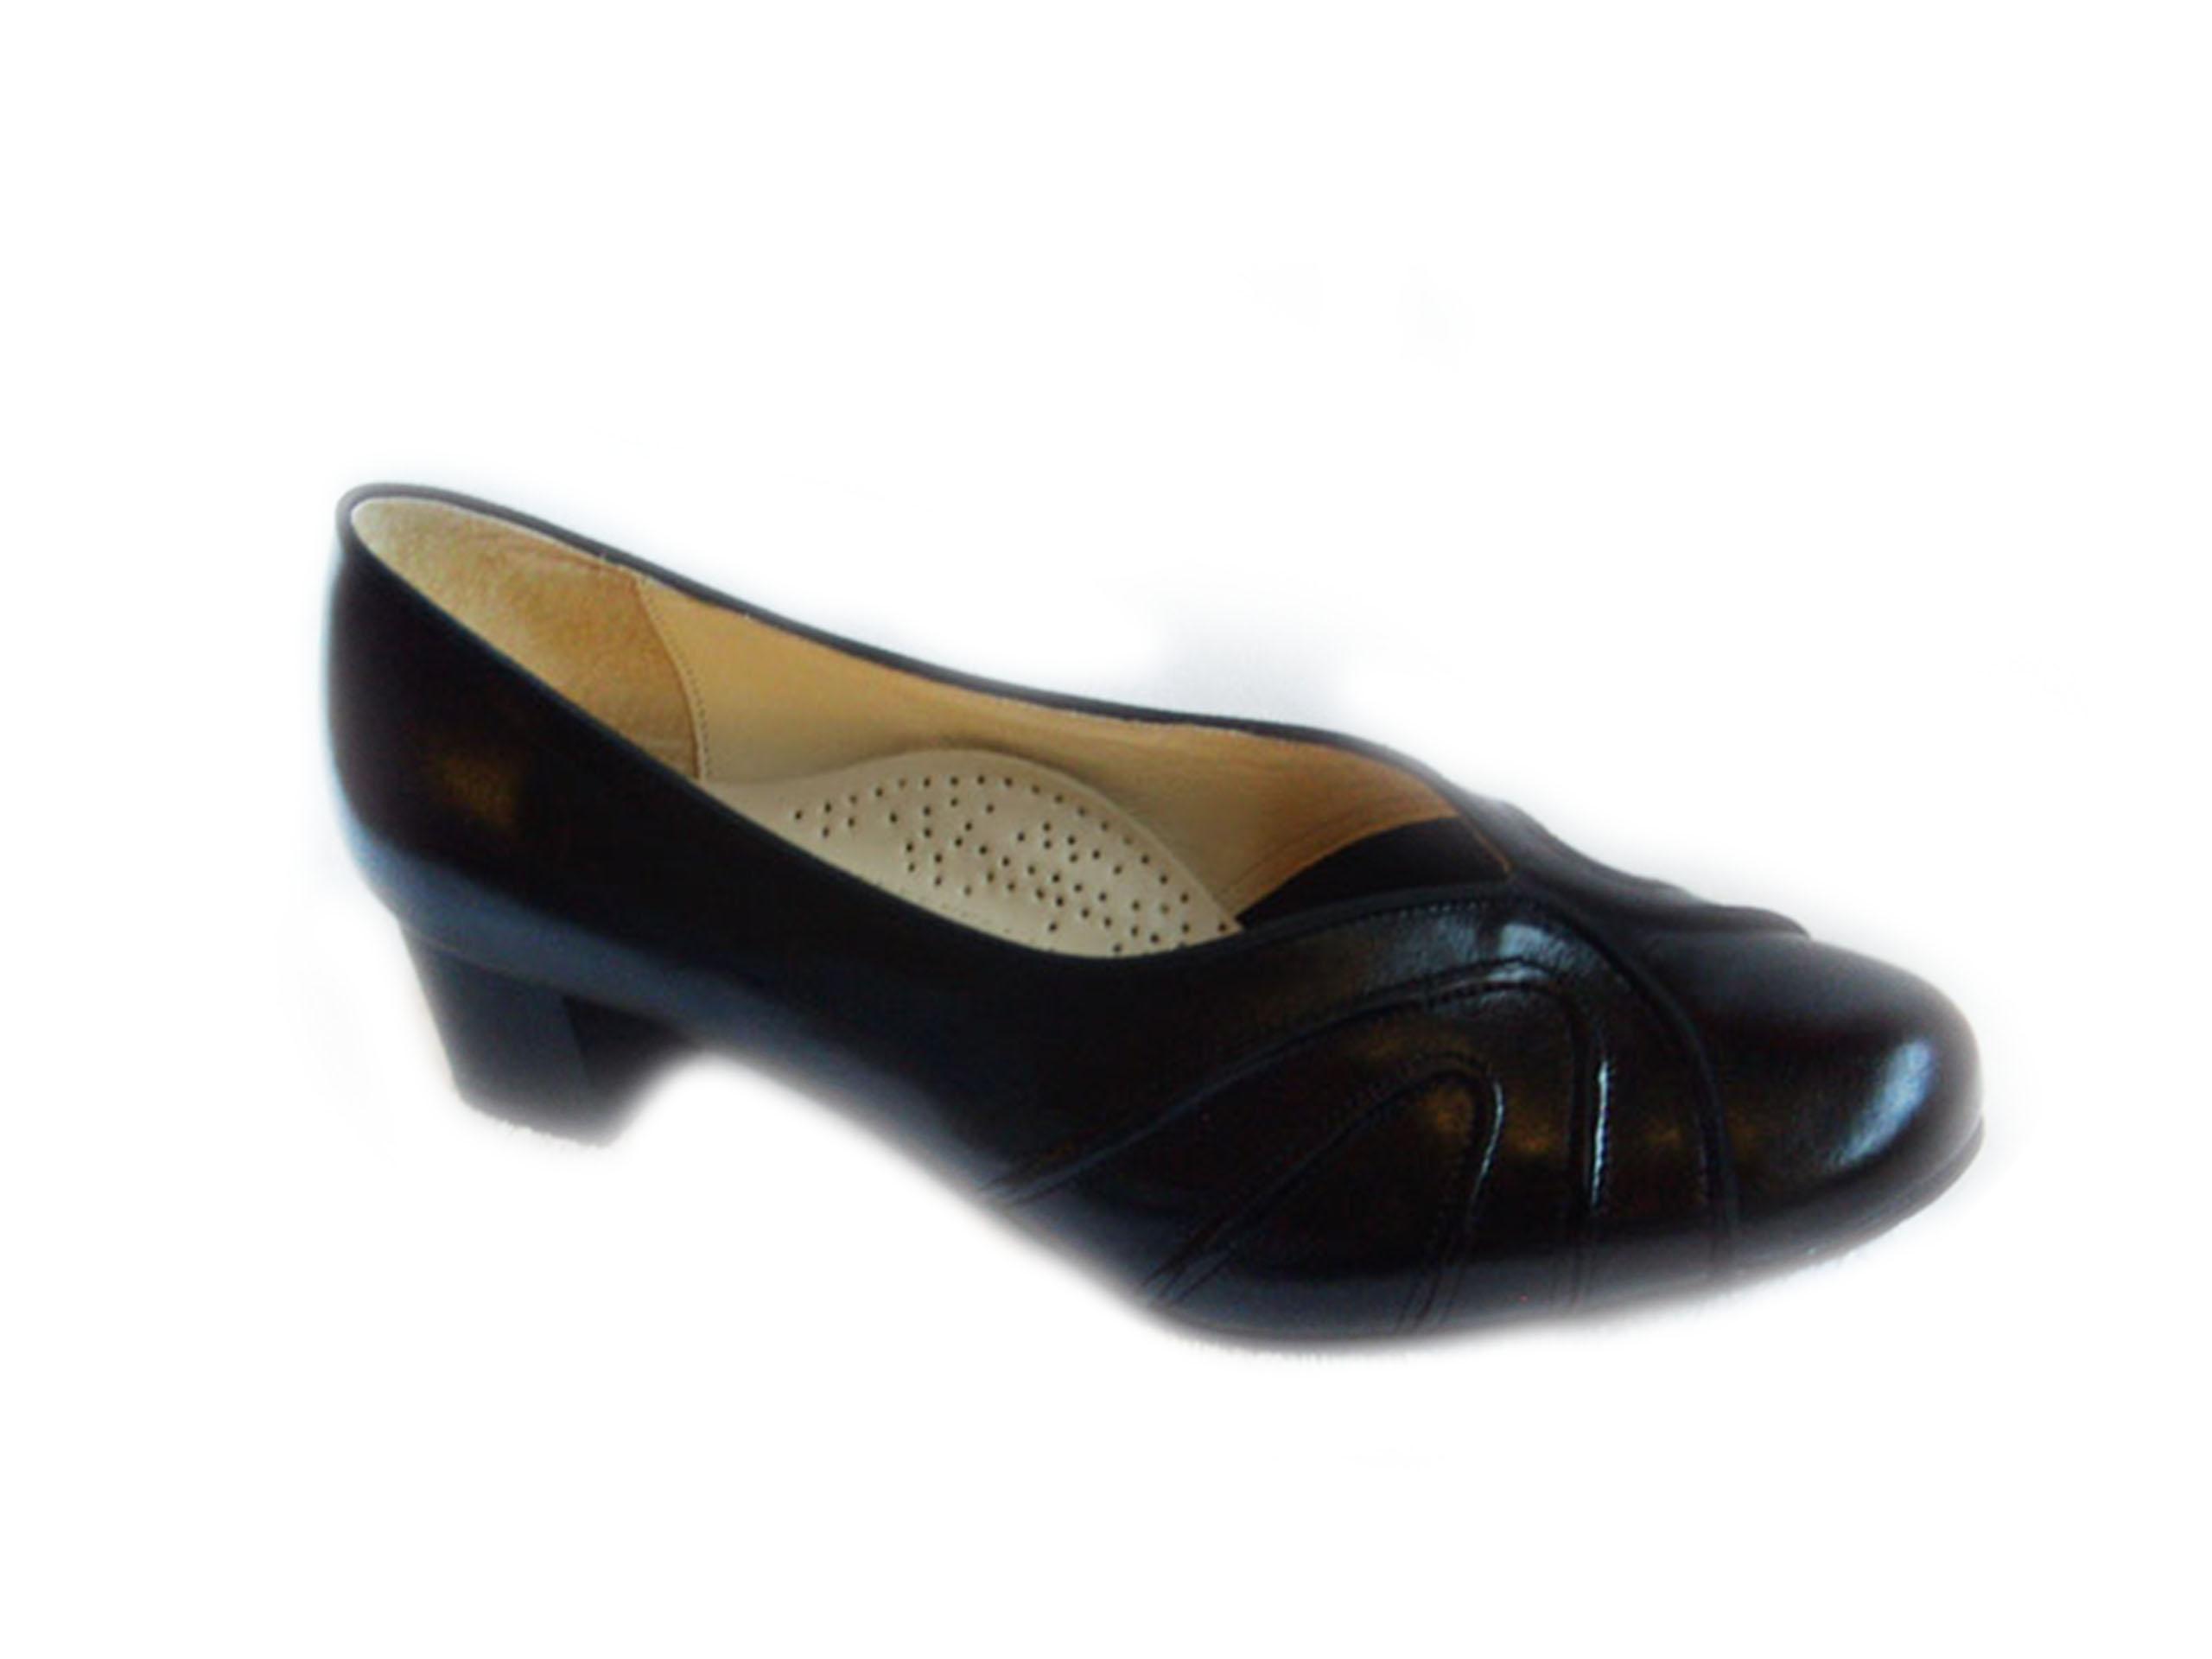 SKÓRZANE sandały czarne TĘGOŚĆ H HALUKSY 41 Ceny i opinie